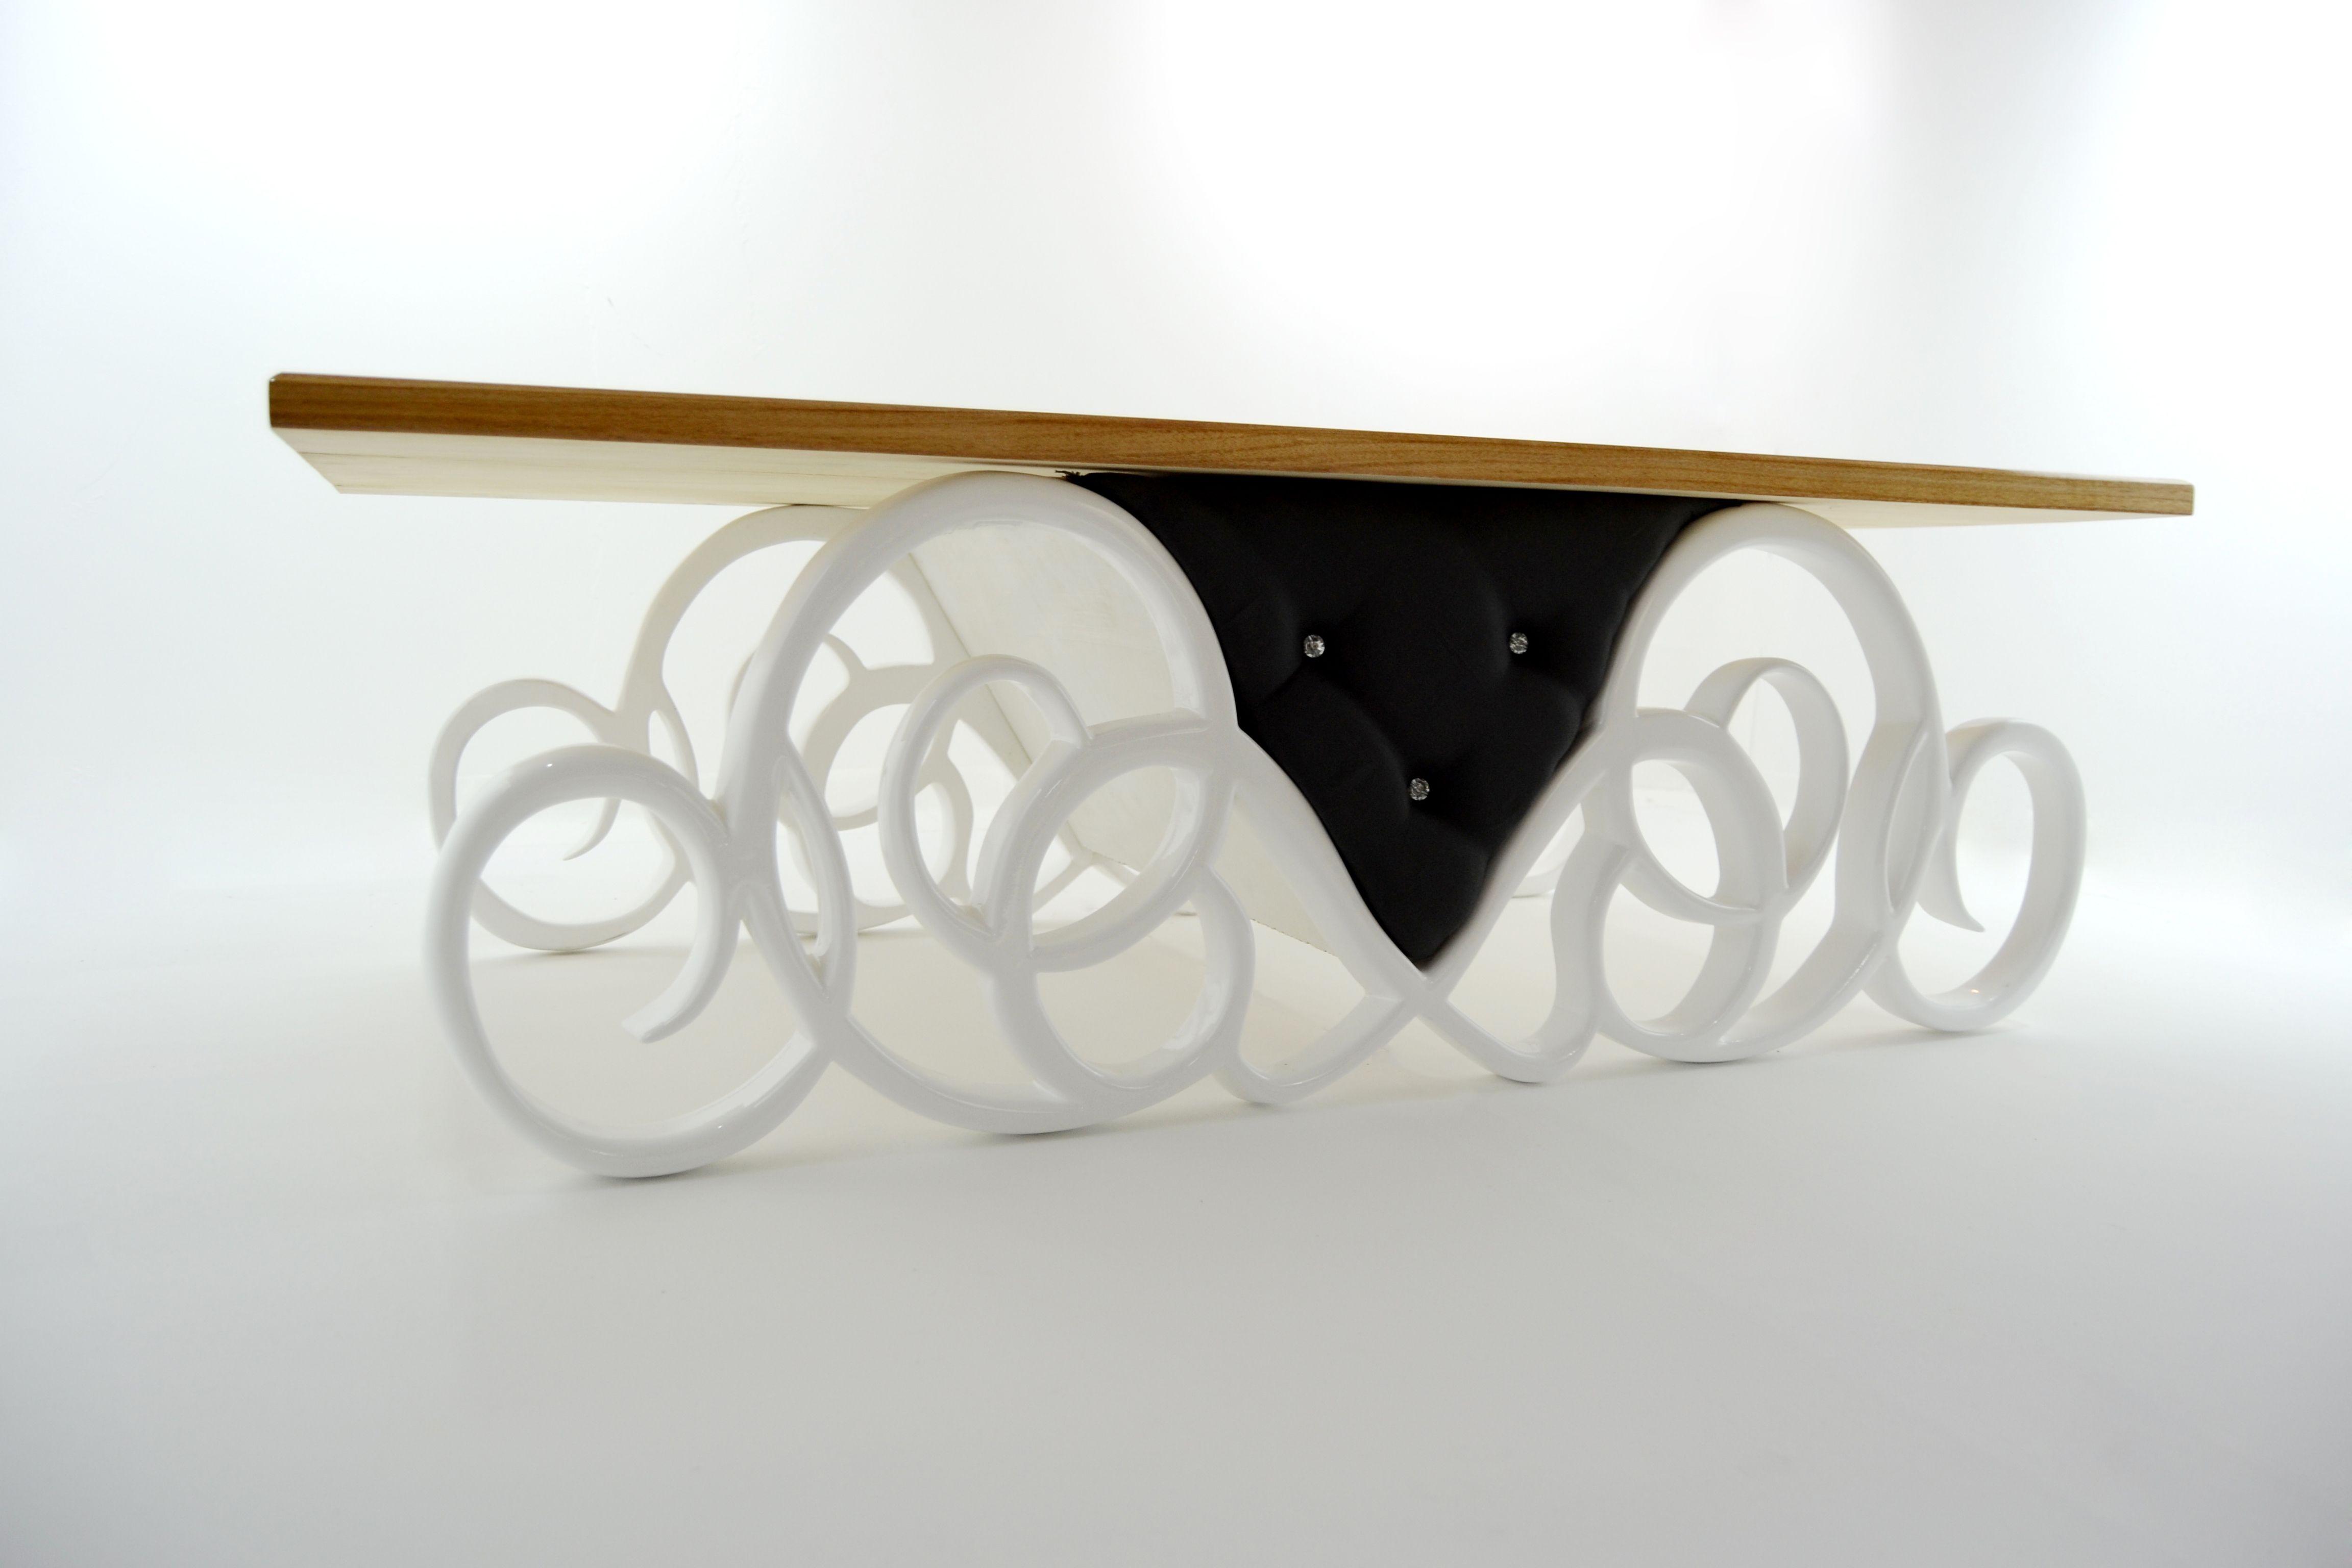 Tavolini dal design unico, in grado di esprimere eleganza e sobrietà ...